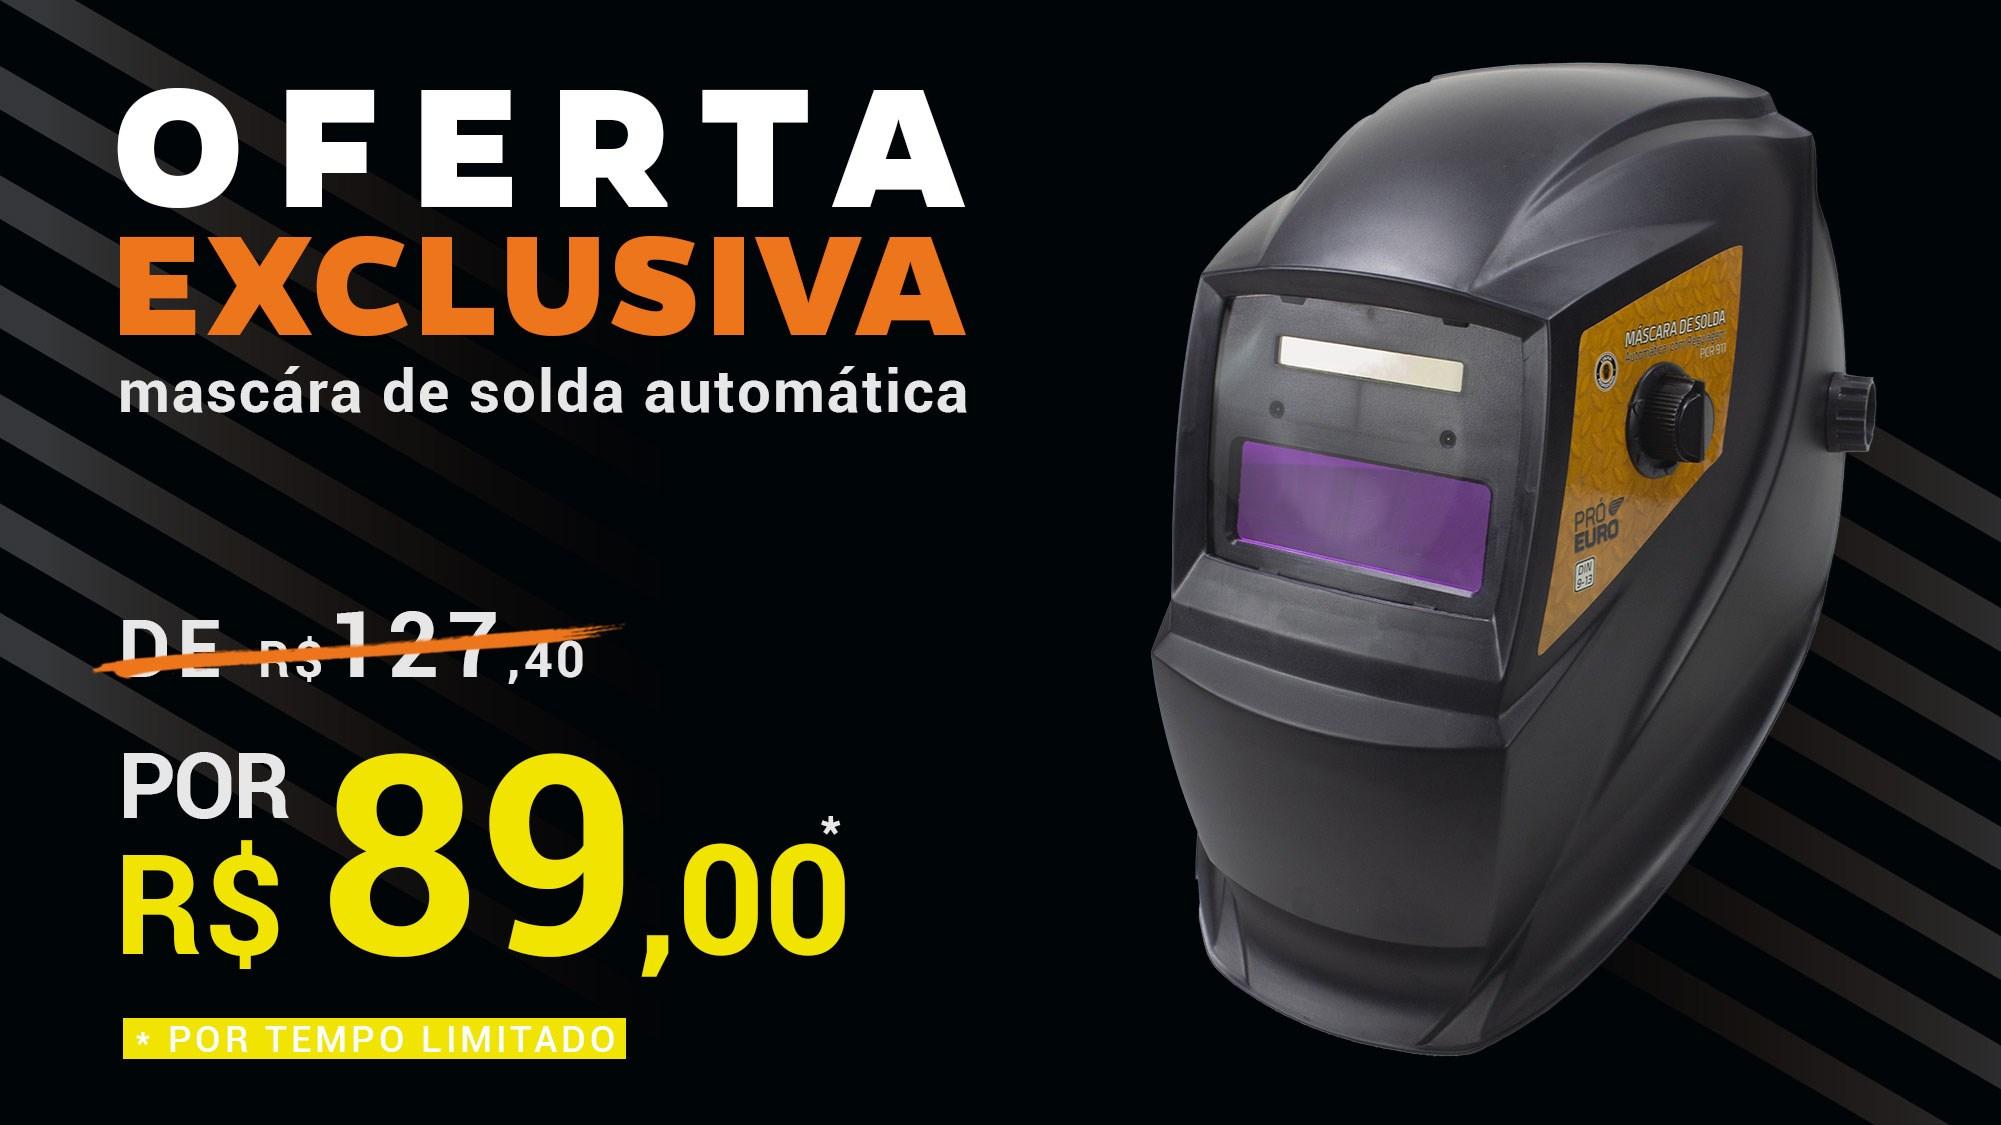 Oferta Exclusiva Máscara de Solda Automática Pró Euro